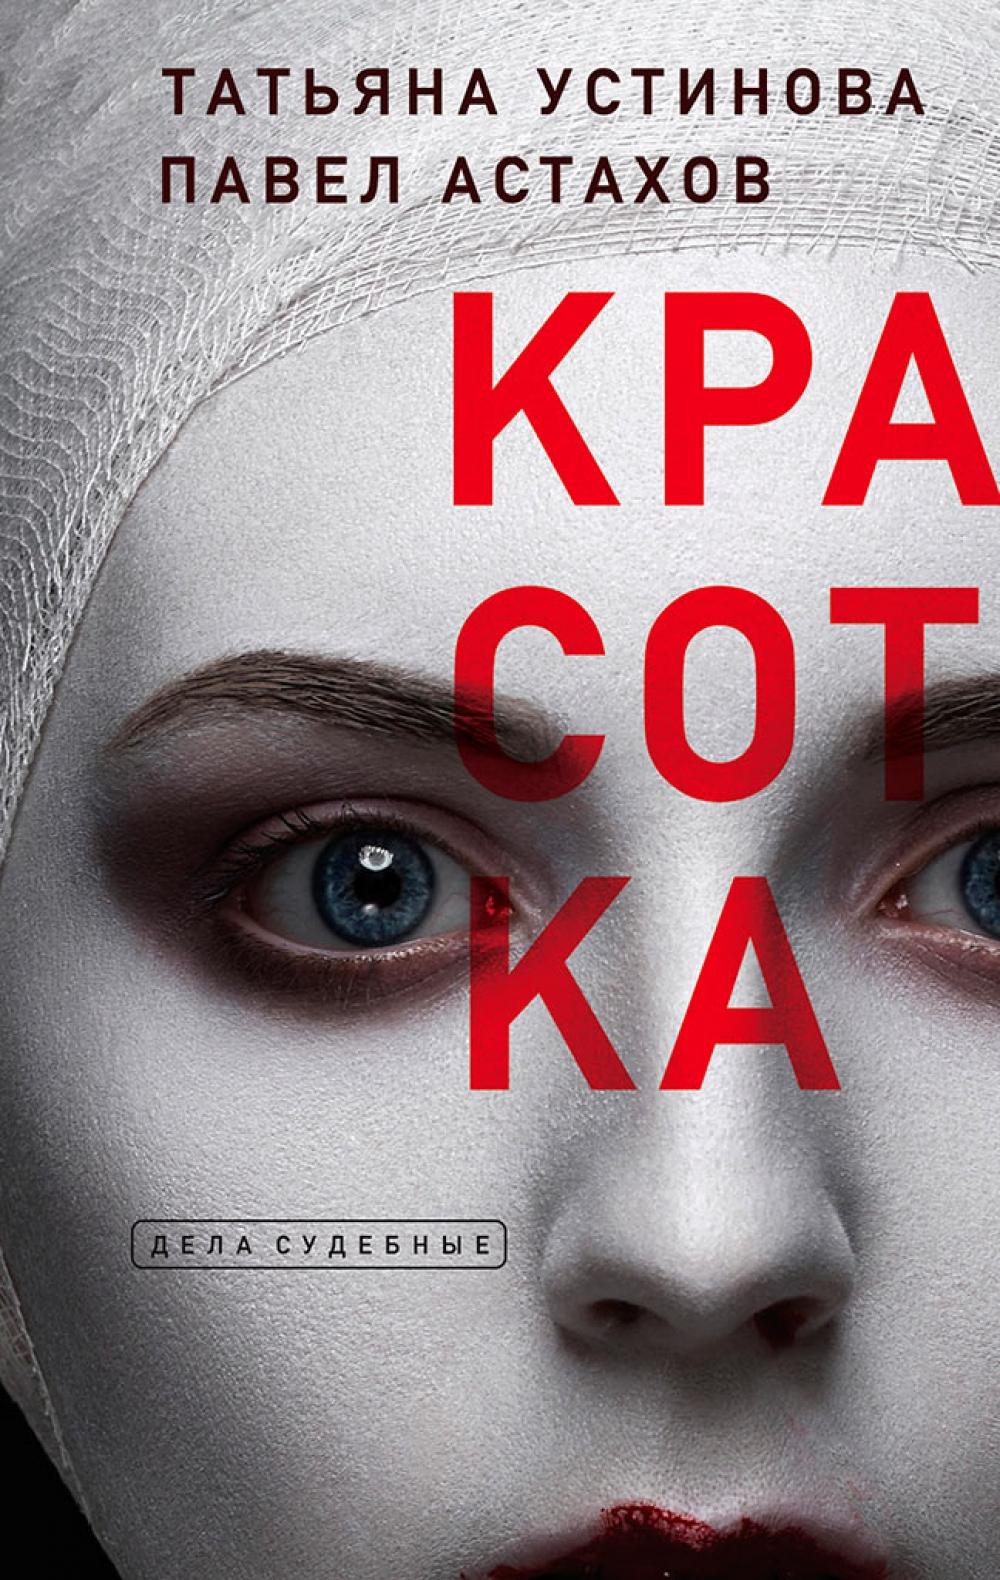 Обложка новой книги Устиновой и Астахова